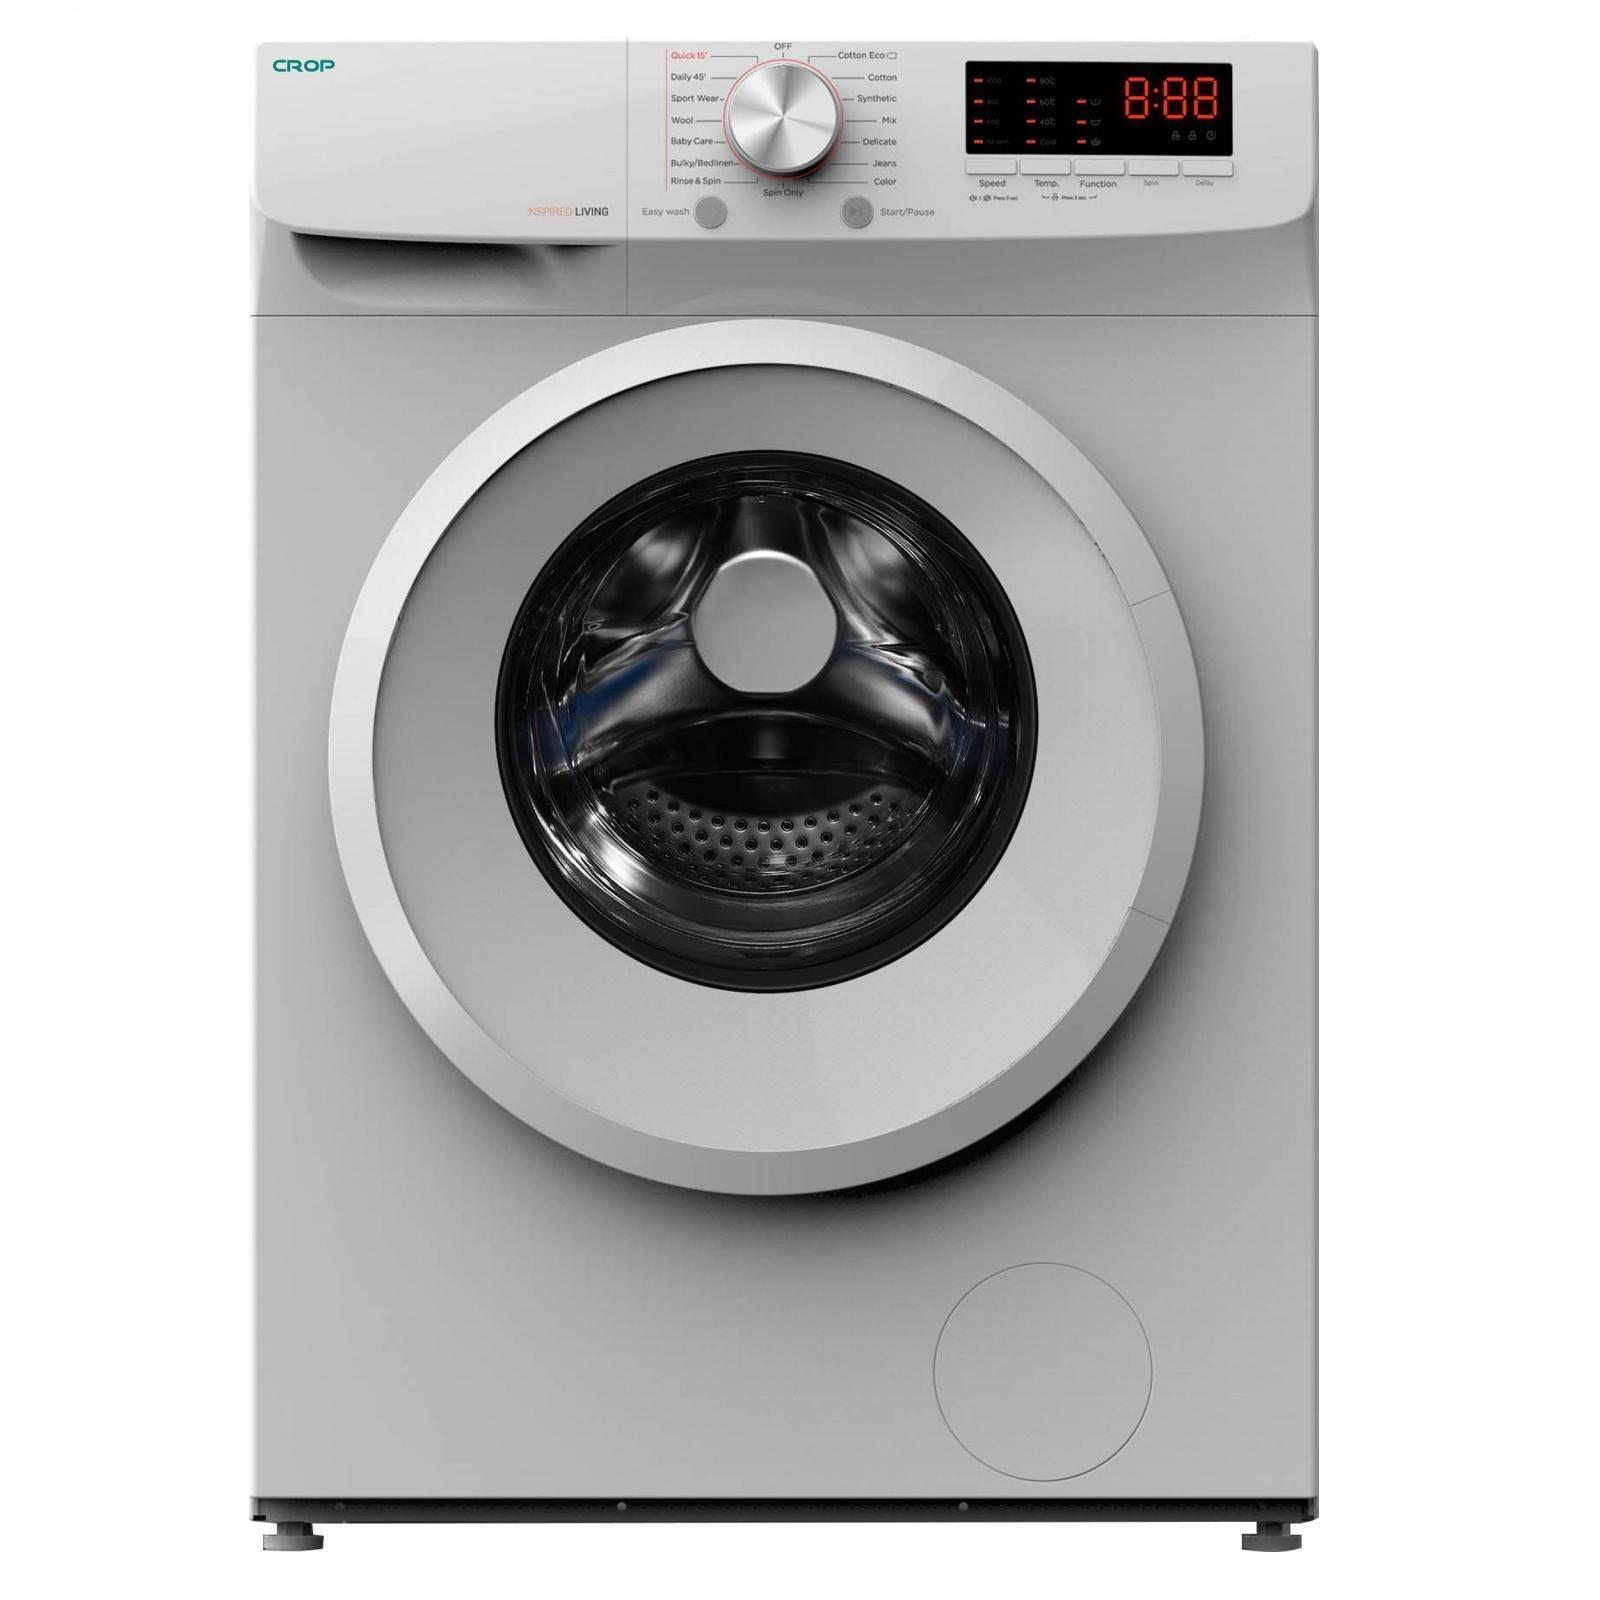 لباسشویی کروپ اتومات 6KG سفید درب سفید WFT-26130W